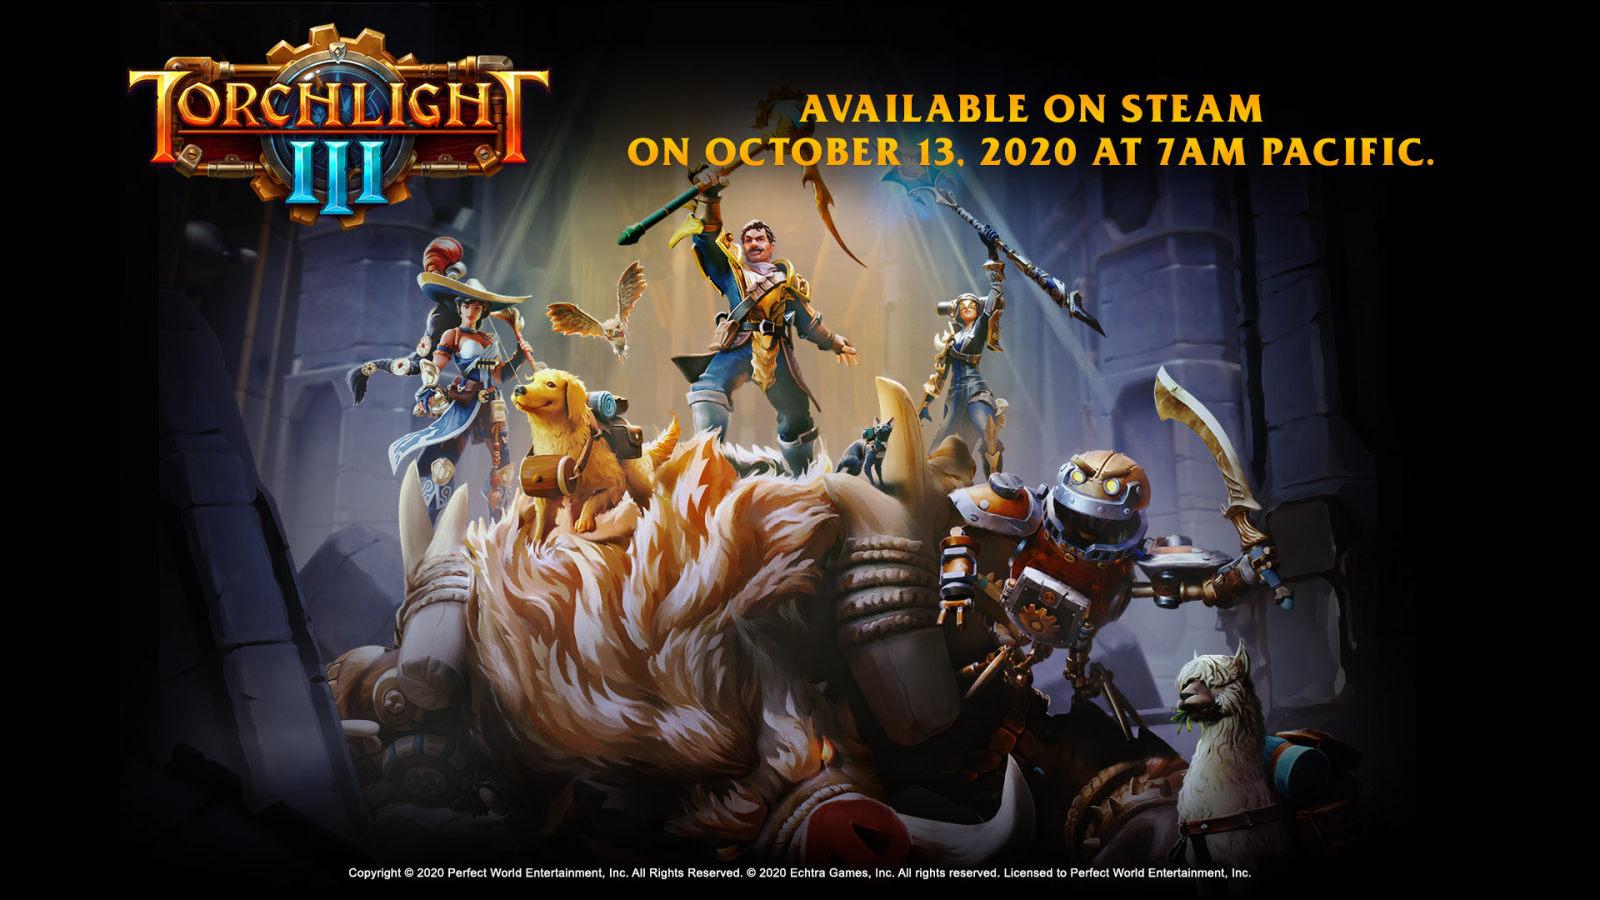 《火炬之光3》将于10月13日推出正式版,登陆Xbox One、PS4与PC平台